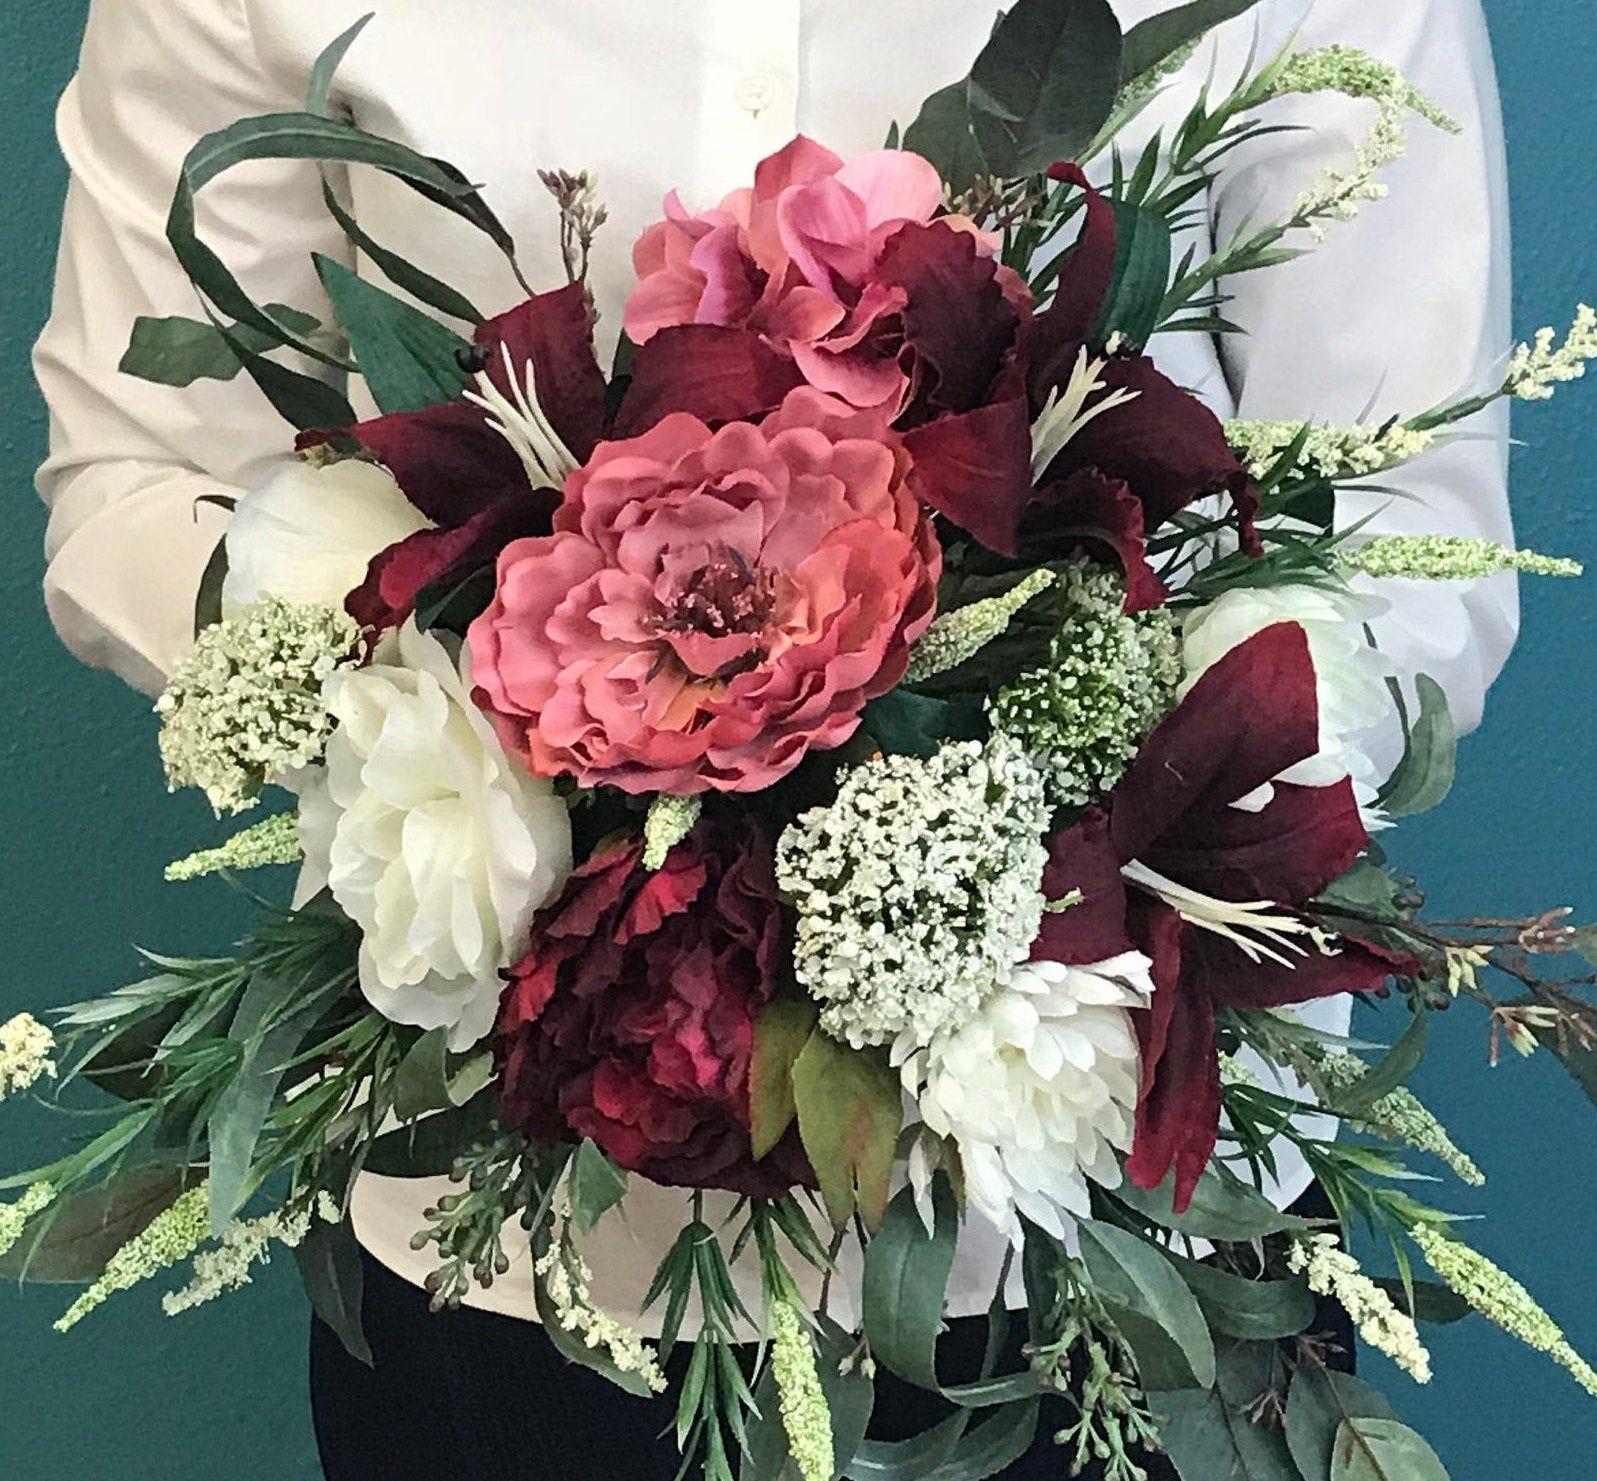 Boho Chic Burgundy Mauve And Cream Cascading Silk Bouquet Burgundy Bridal Bouquet Burgundy Wedding Bouquet Ivory Peony Bouquet Wedding Bouquets Bridal Bouquet